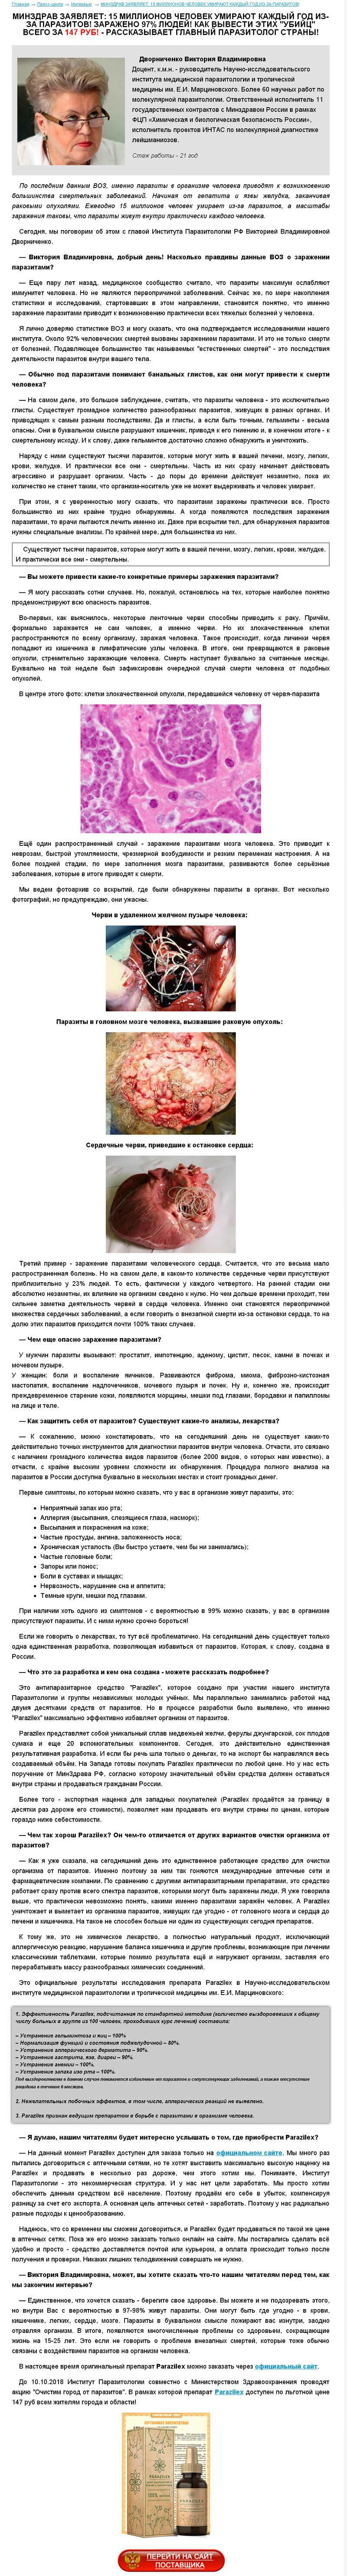 Detoxic средство от паразитов  в Лениногорске. Капсулы от паразитов  | Паразитам Нет  Подробнее по ссылке... 🏷️ http://bit.ly/2MpItCf      Известно, что глисты могу обитать не только в кишечнике, но и в сердце, печени, лёгких, сердце и даже органах зрения. Но некоторые люди с бедой все же встречаются – они заражаются  паразитами. В результате организм избавится от непрошенных гостей. Развод или правда? Как часто, чувствуя ухудшение состояния здоровья, или переживая спонтанные аллергии, мы думаем о паразитах. Очередной развод или правда: мнение врачей о средстве Новинка препарат Детоксик: лекарство от паразитов или развод? Препарат  (Детоксик) от паразитов: отзывы врачей От паразитов  Купить в аптеке, отзывы - — Средство От Паразитов Развод.